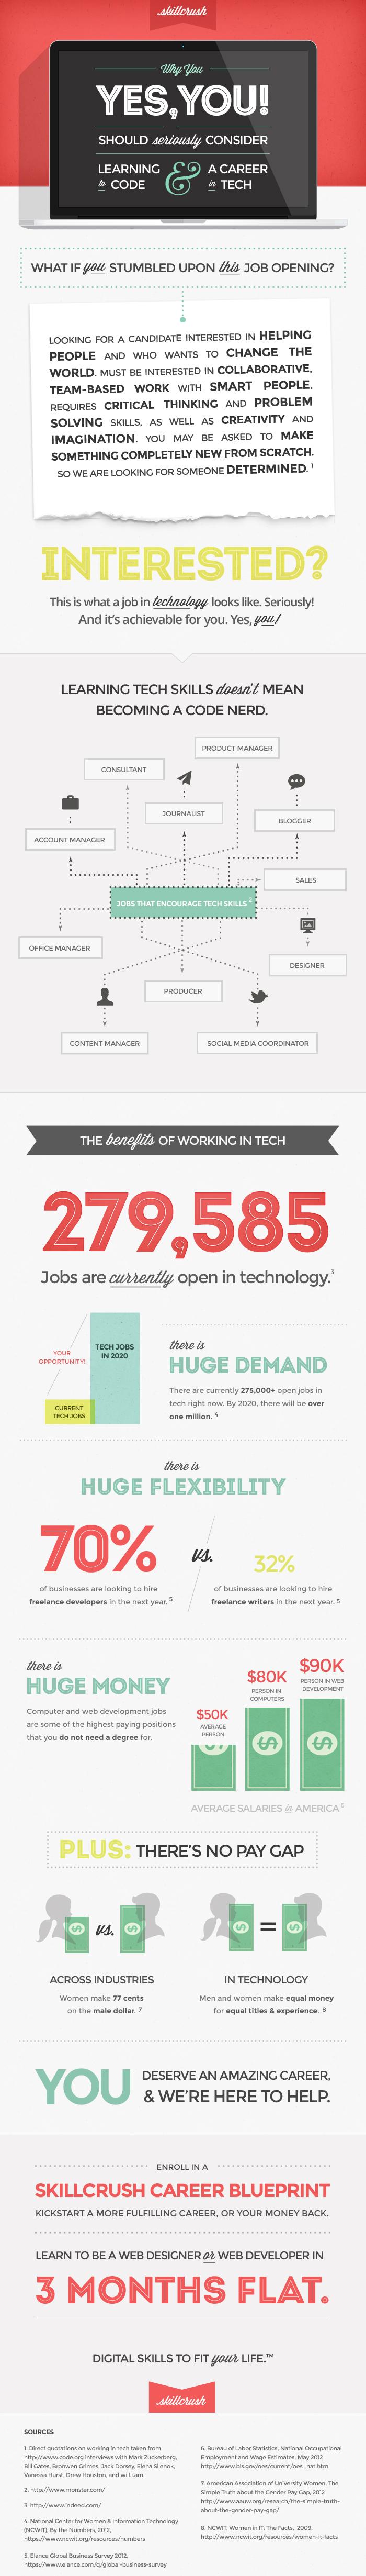 Skillcrush_Infographic_new